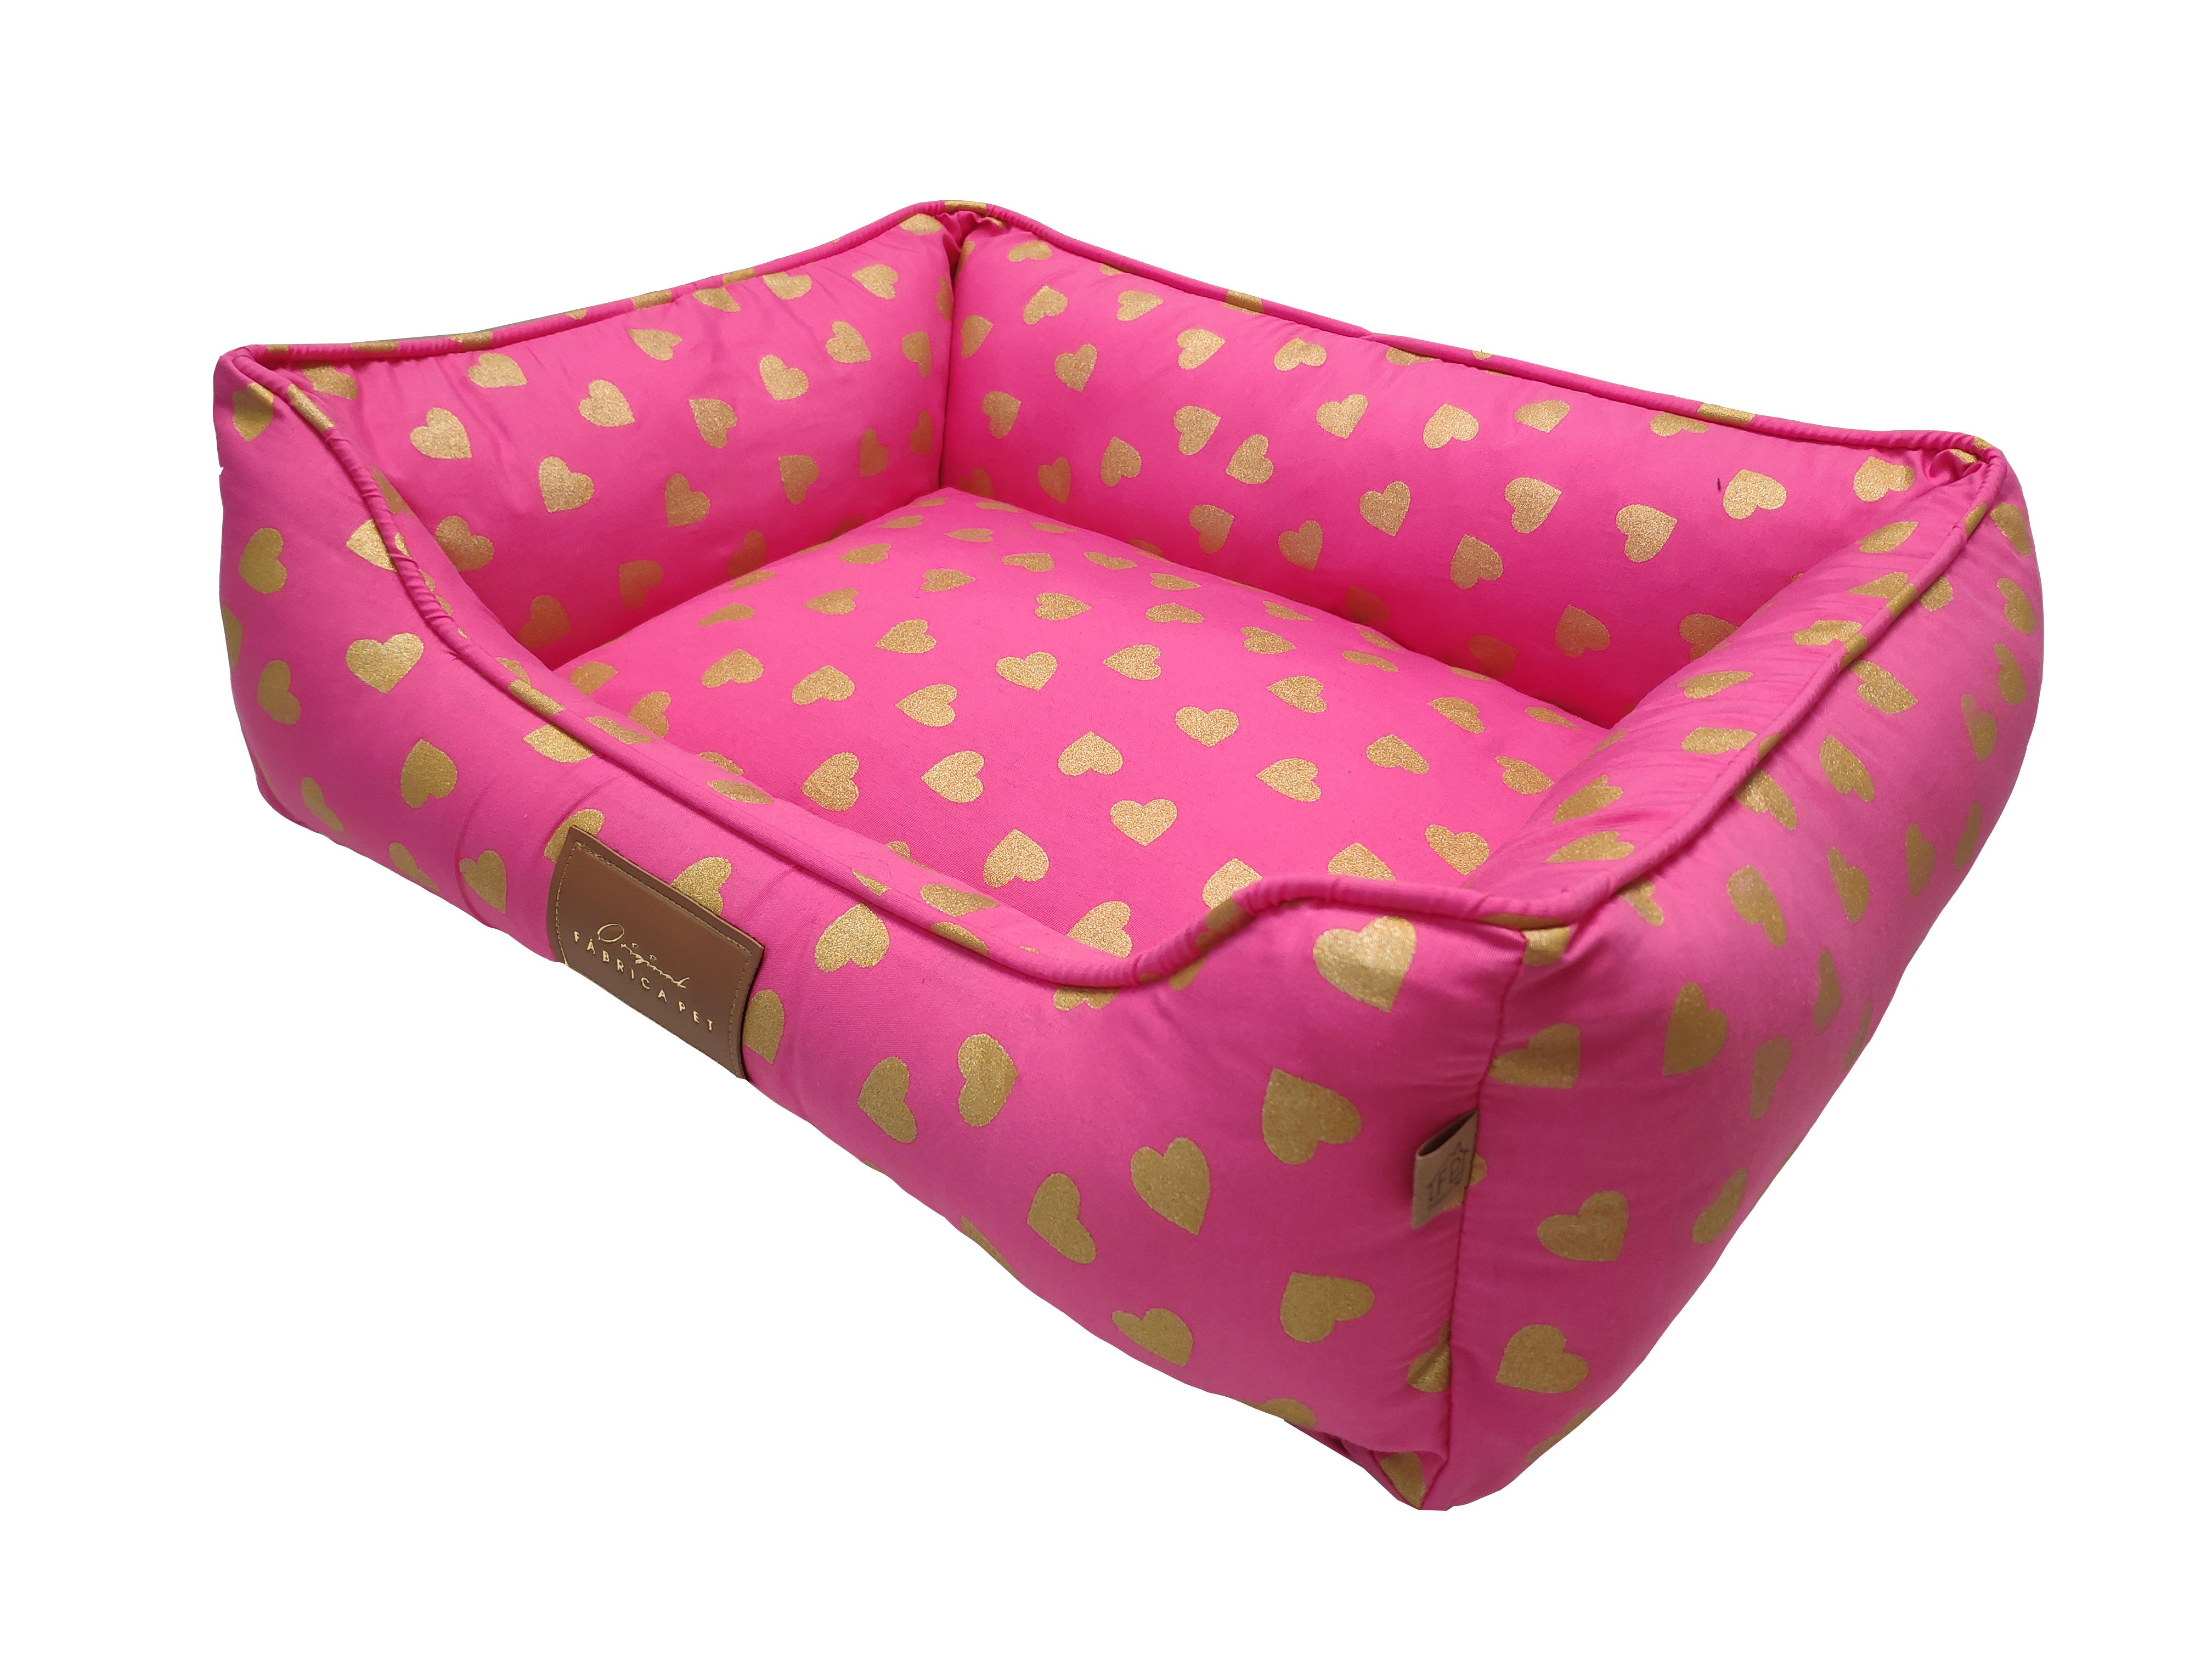 Cama Love rosa perfil